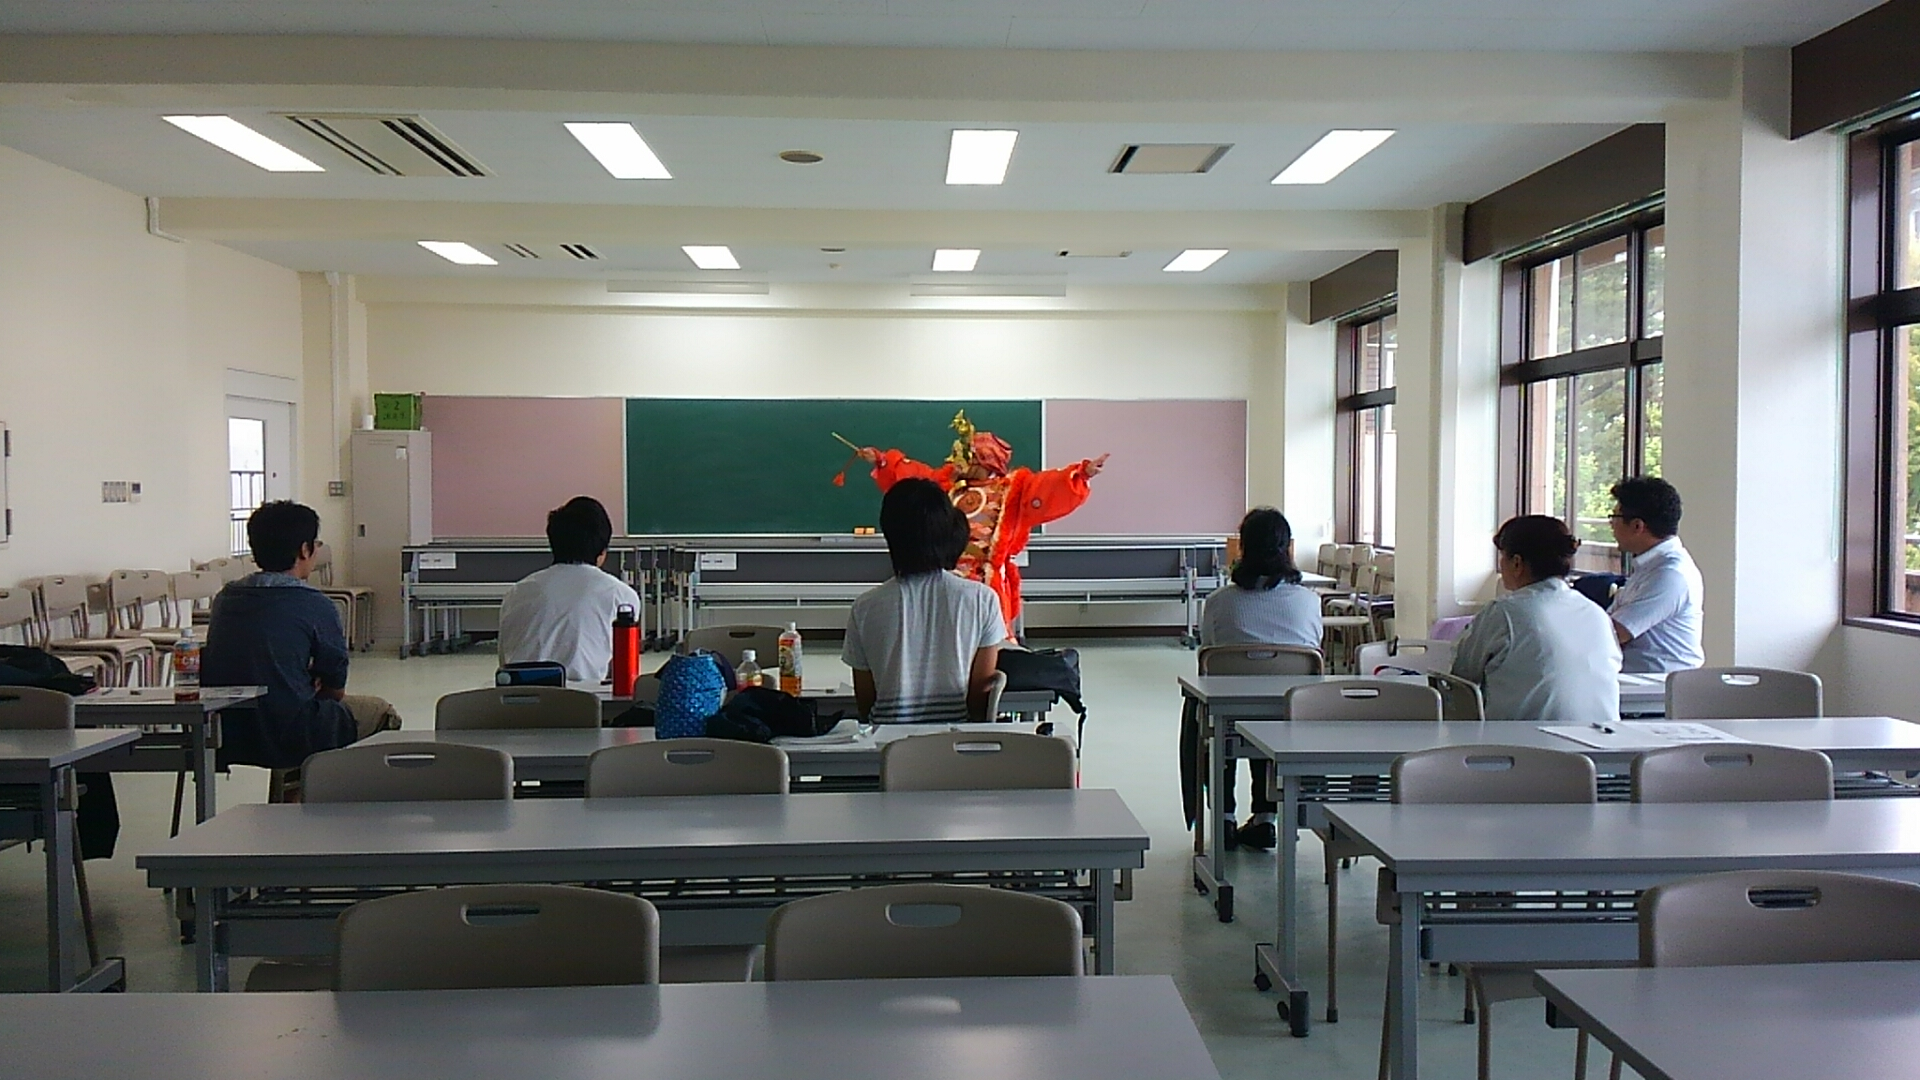 国立工業高等専門学校での雅楽授業